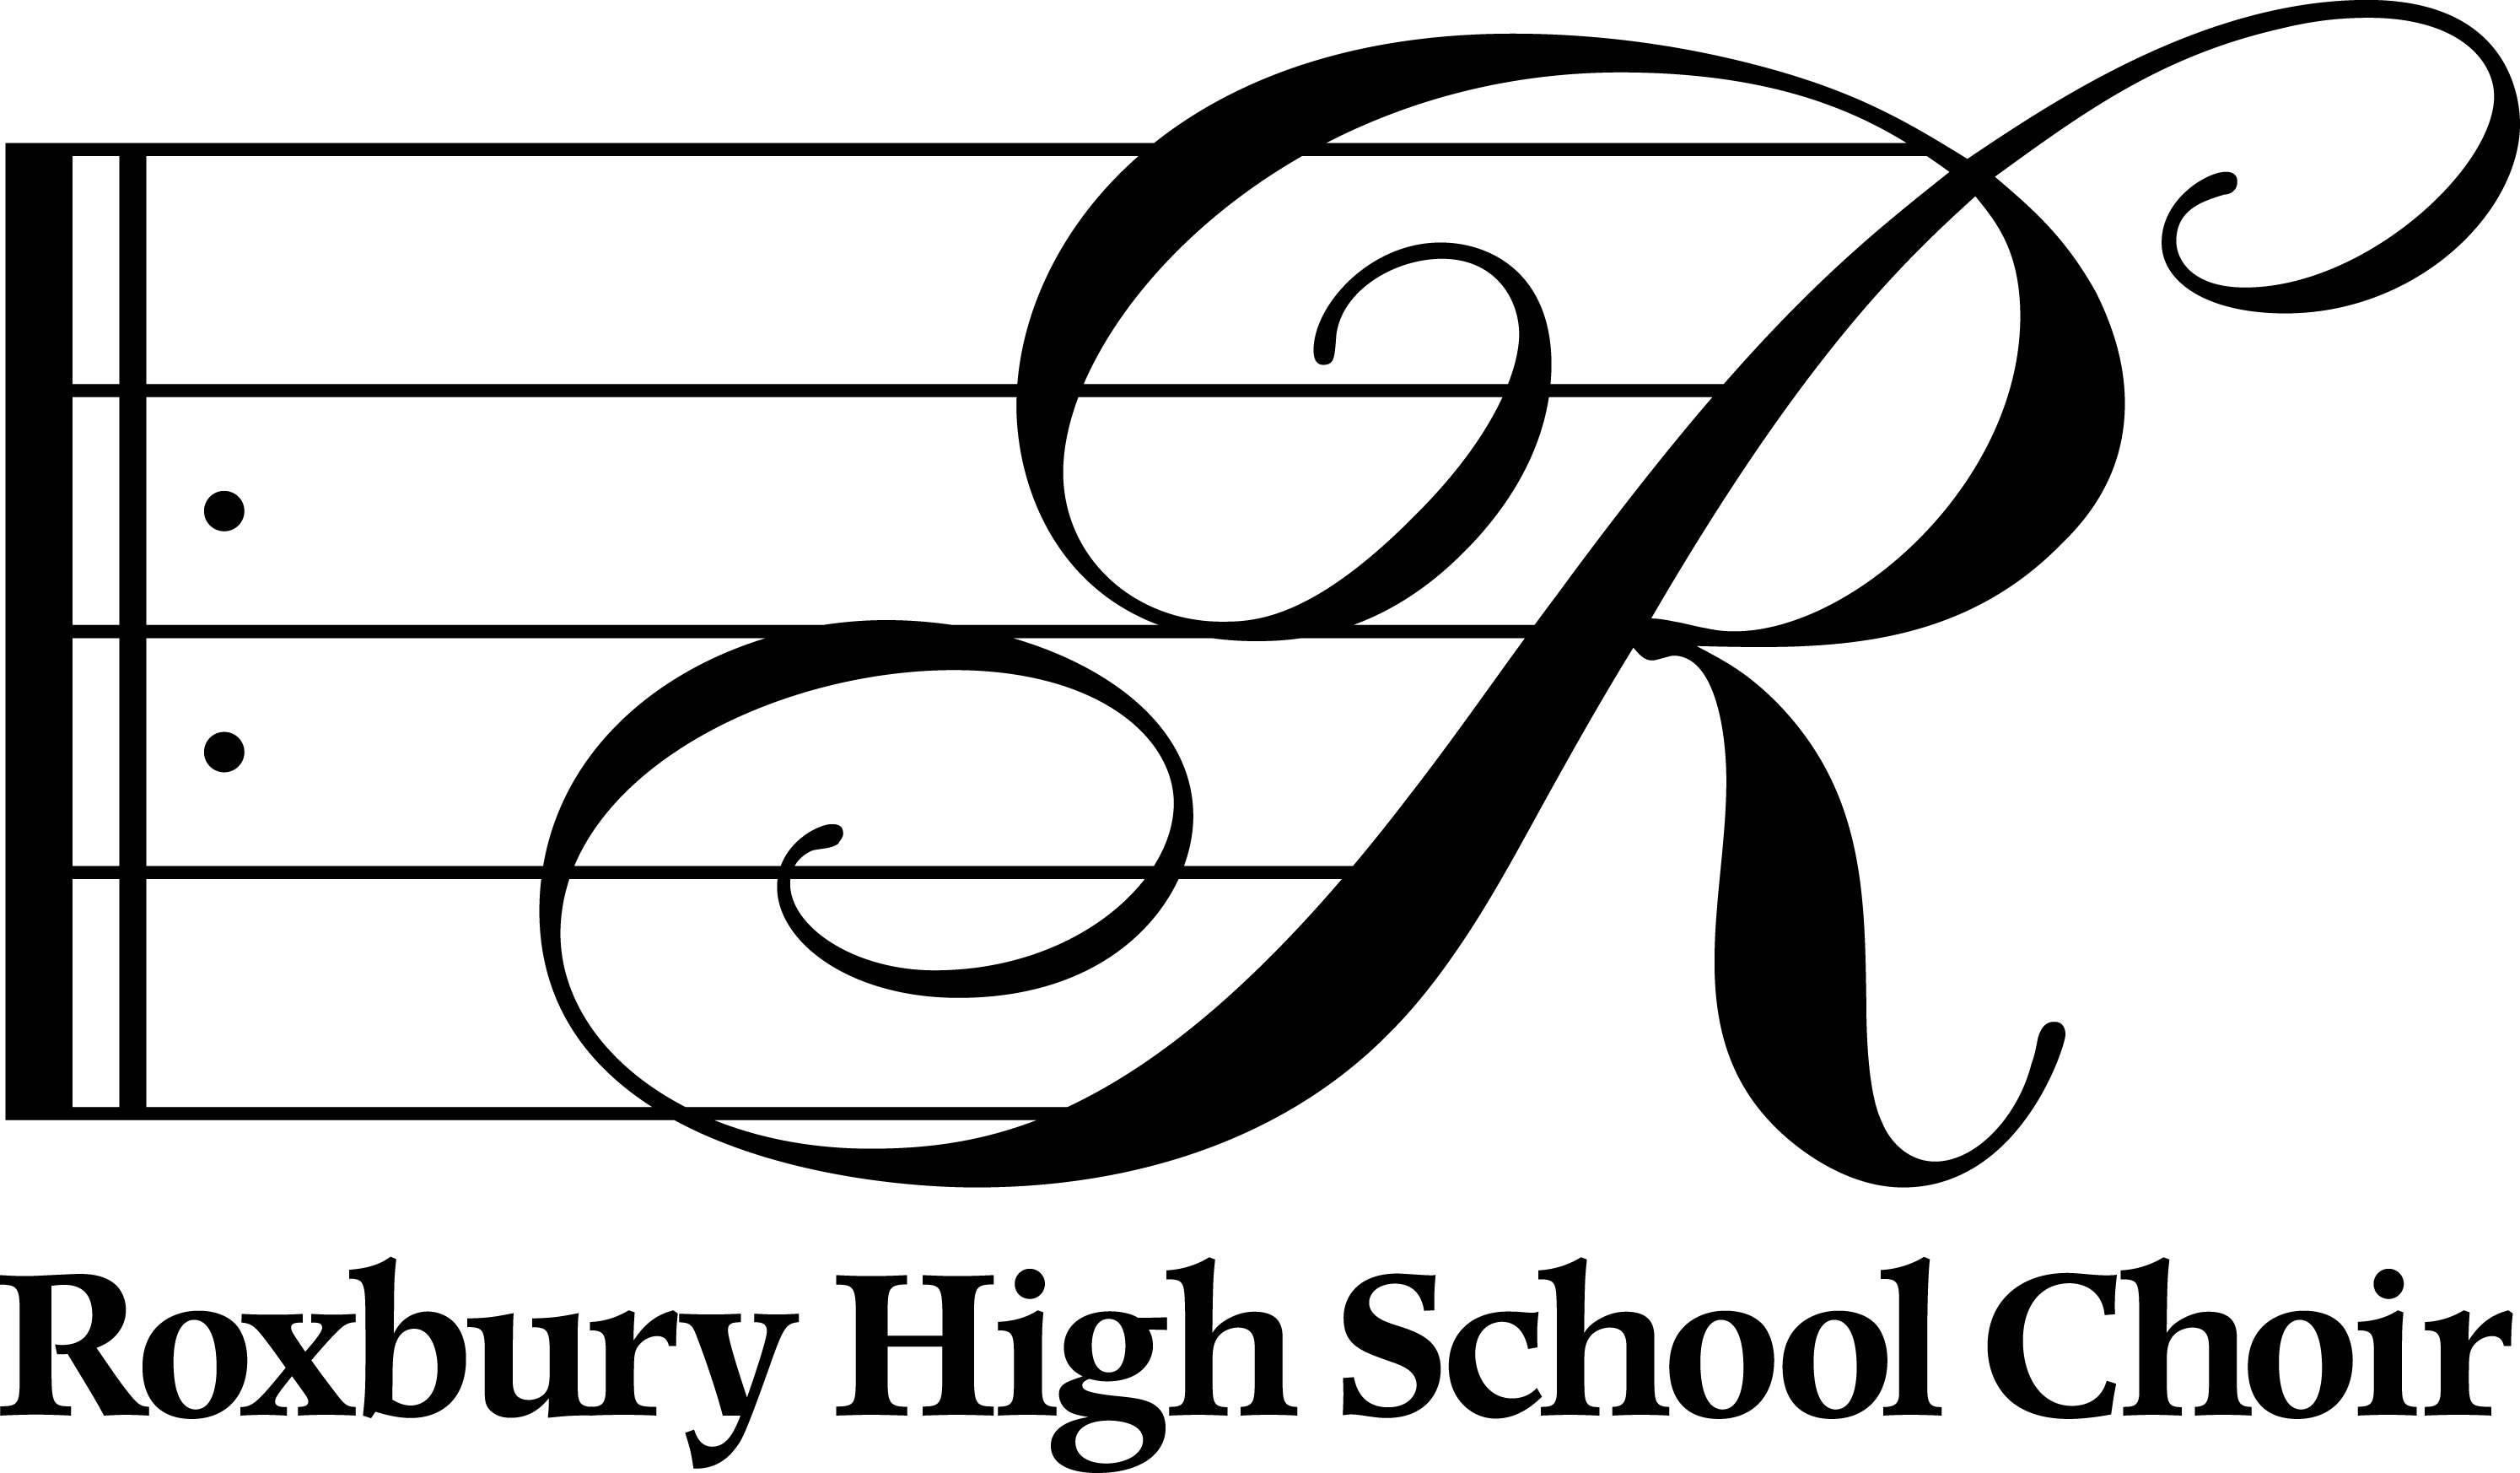 5aa1ee652a41928c471d_RHS_Choir_Logo.jpg